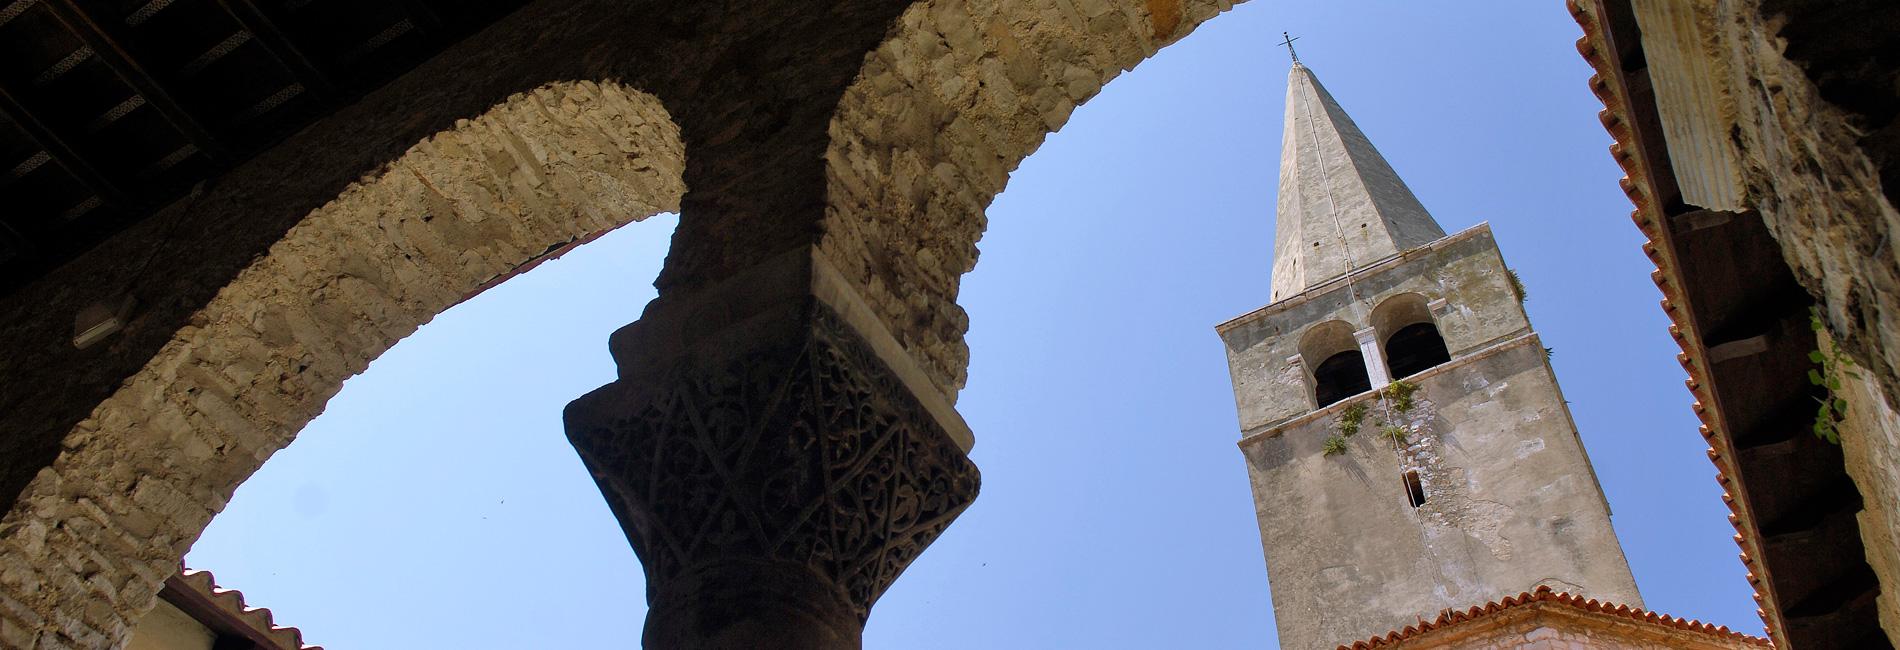 Euphrasian Basilica - Porec | AdriaCamps